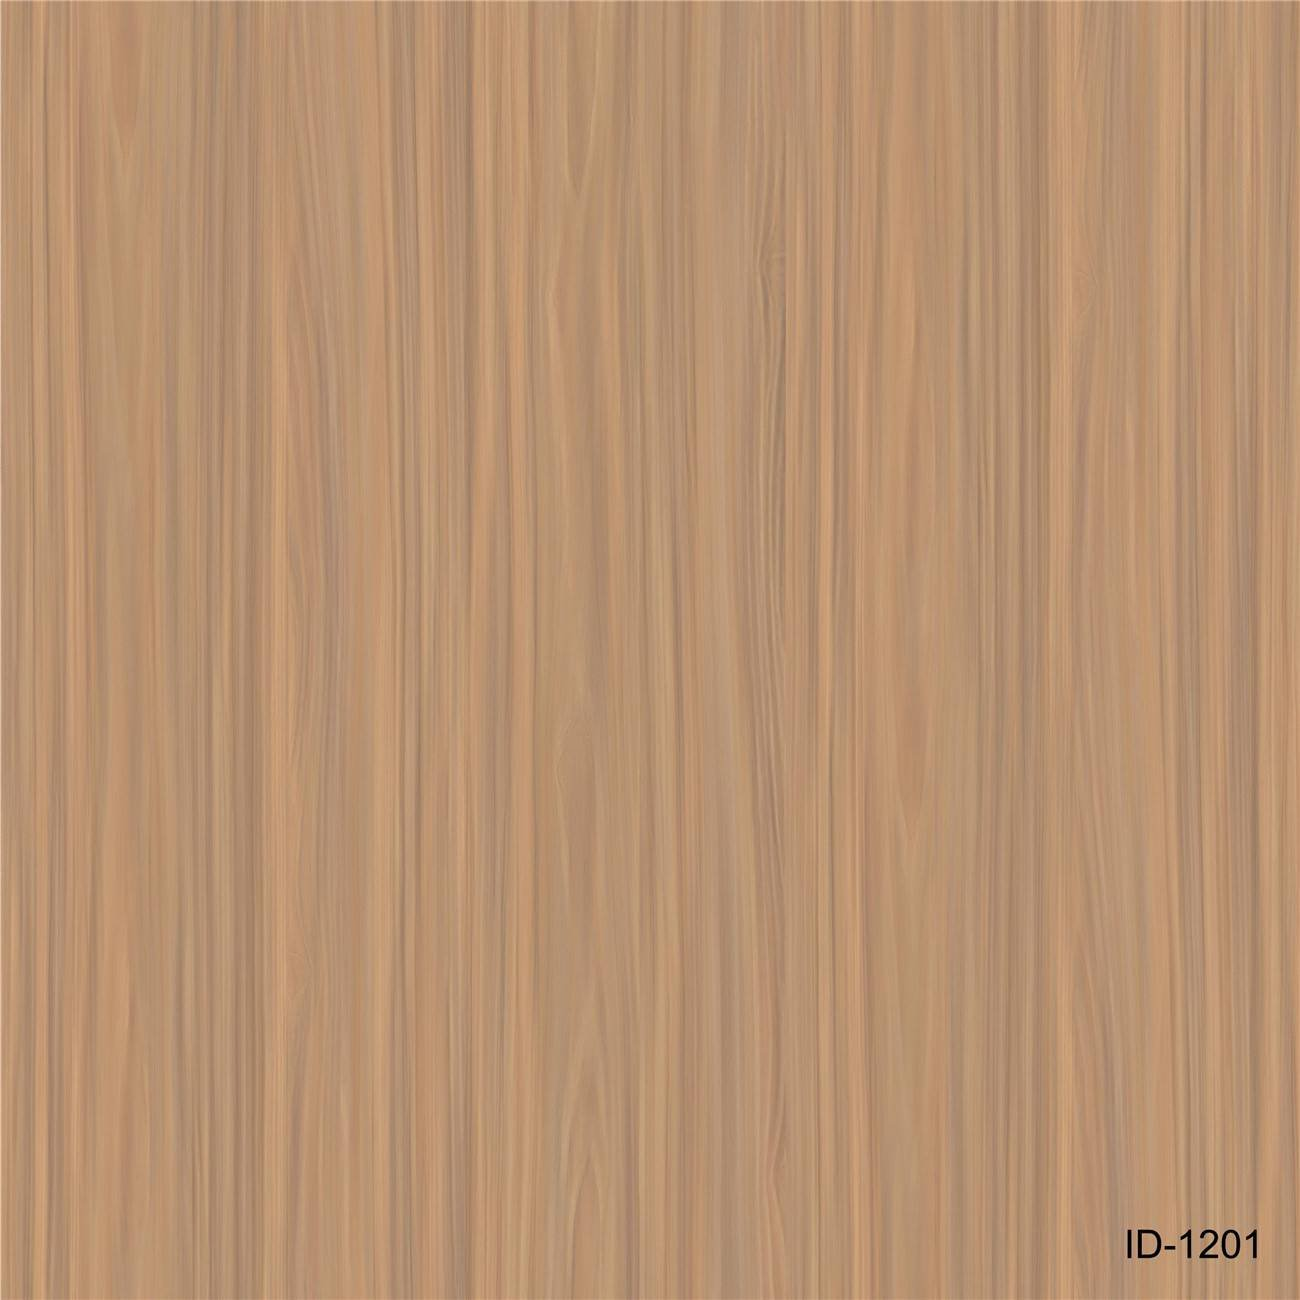 ID1201 fruit wood decor paper 4ft